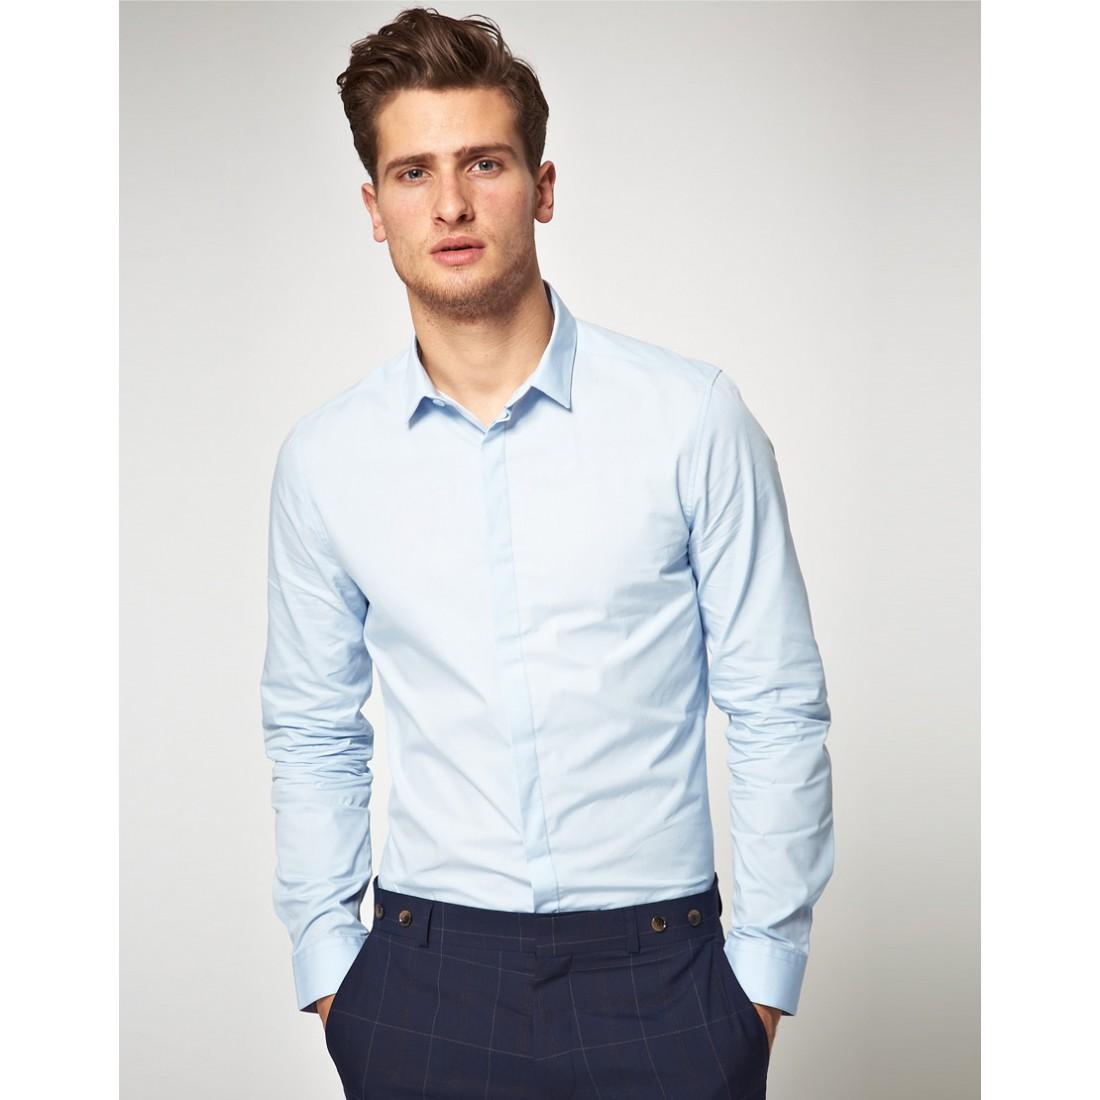 36364214c0db4f5 Мужские приталенные рубашки: с чем можно и нельзя сочетать? ♡